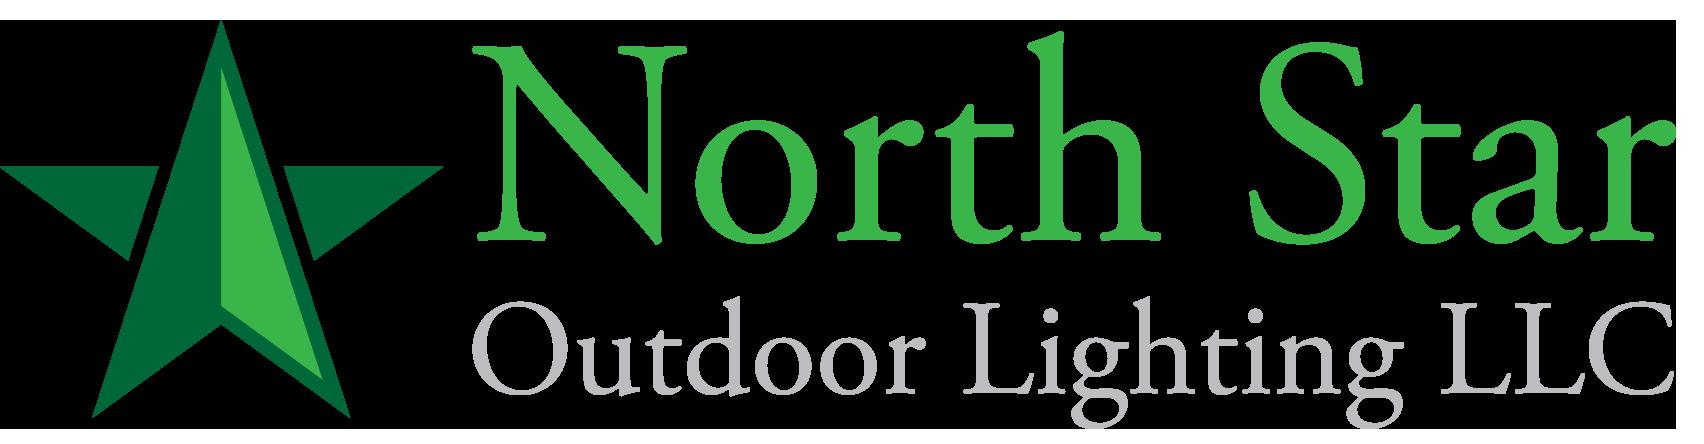 North Star Outdoor Lighting LLC logo